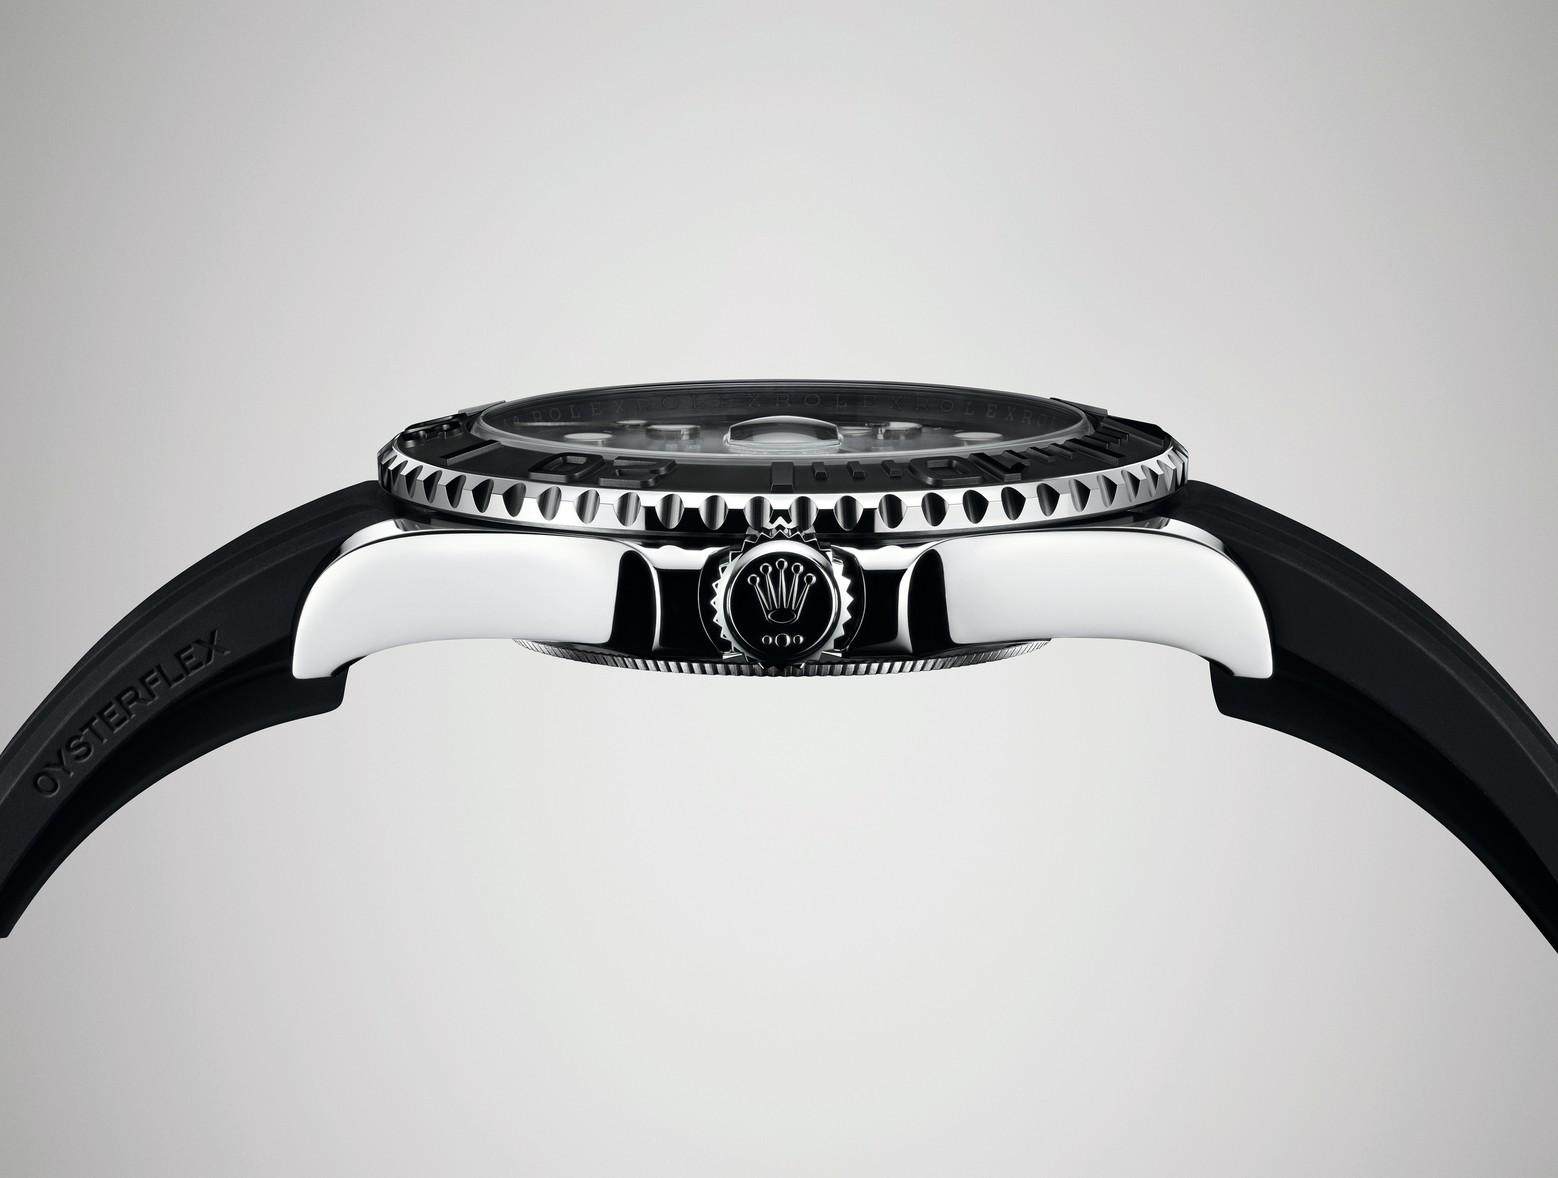 Rolex Replica-avb